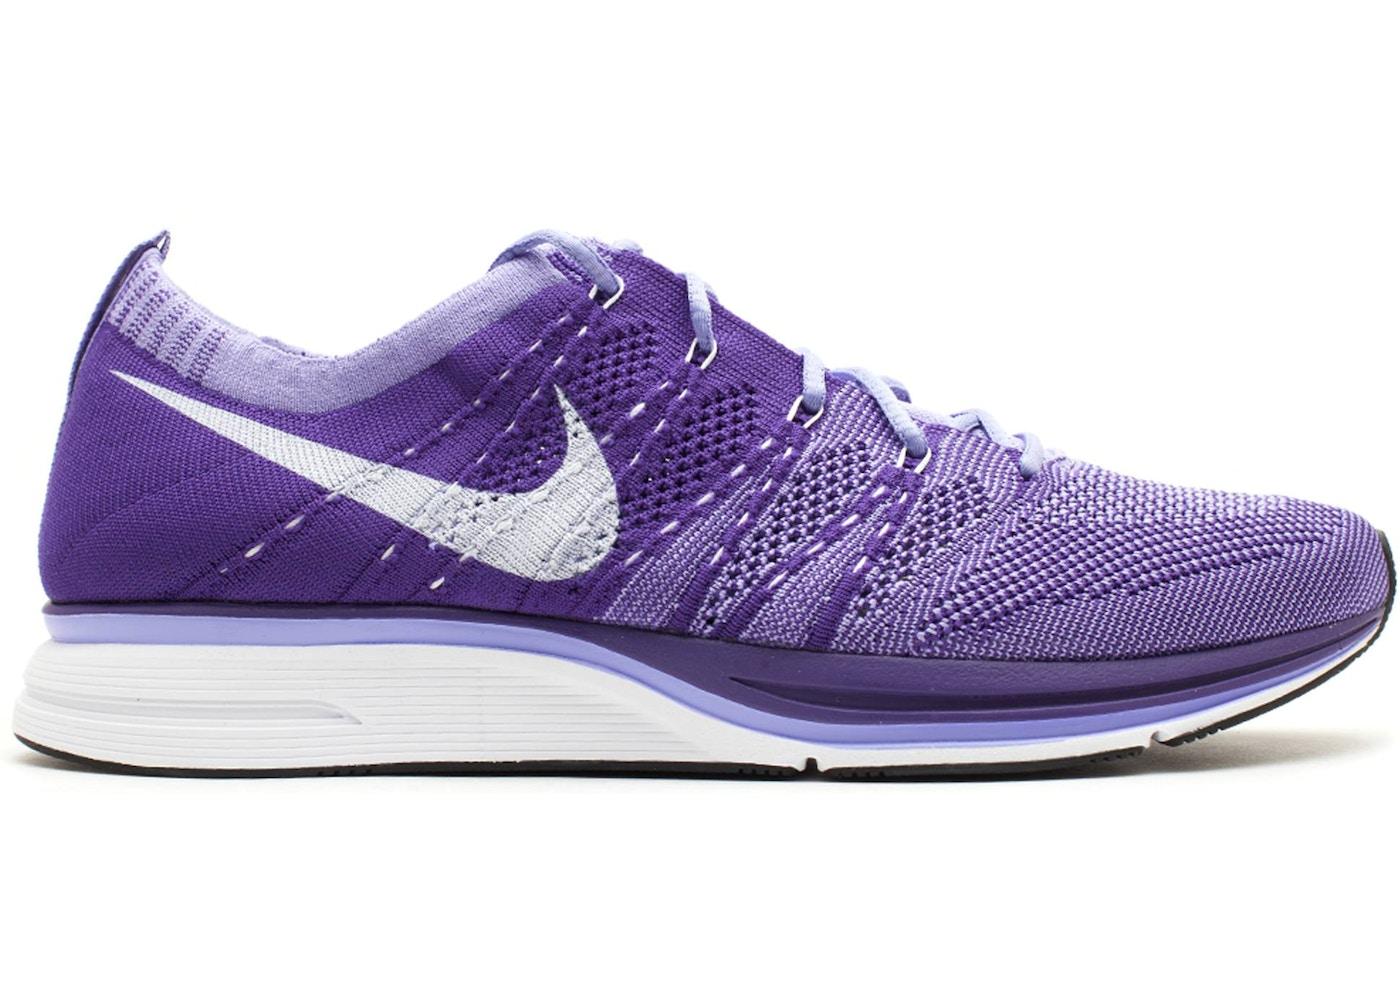 Posicionamiento en buscadores Típicamente popular  Nike Flyknit Trainer+ Court Purple - 532984-551